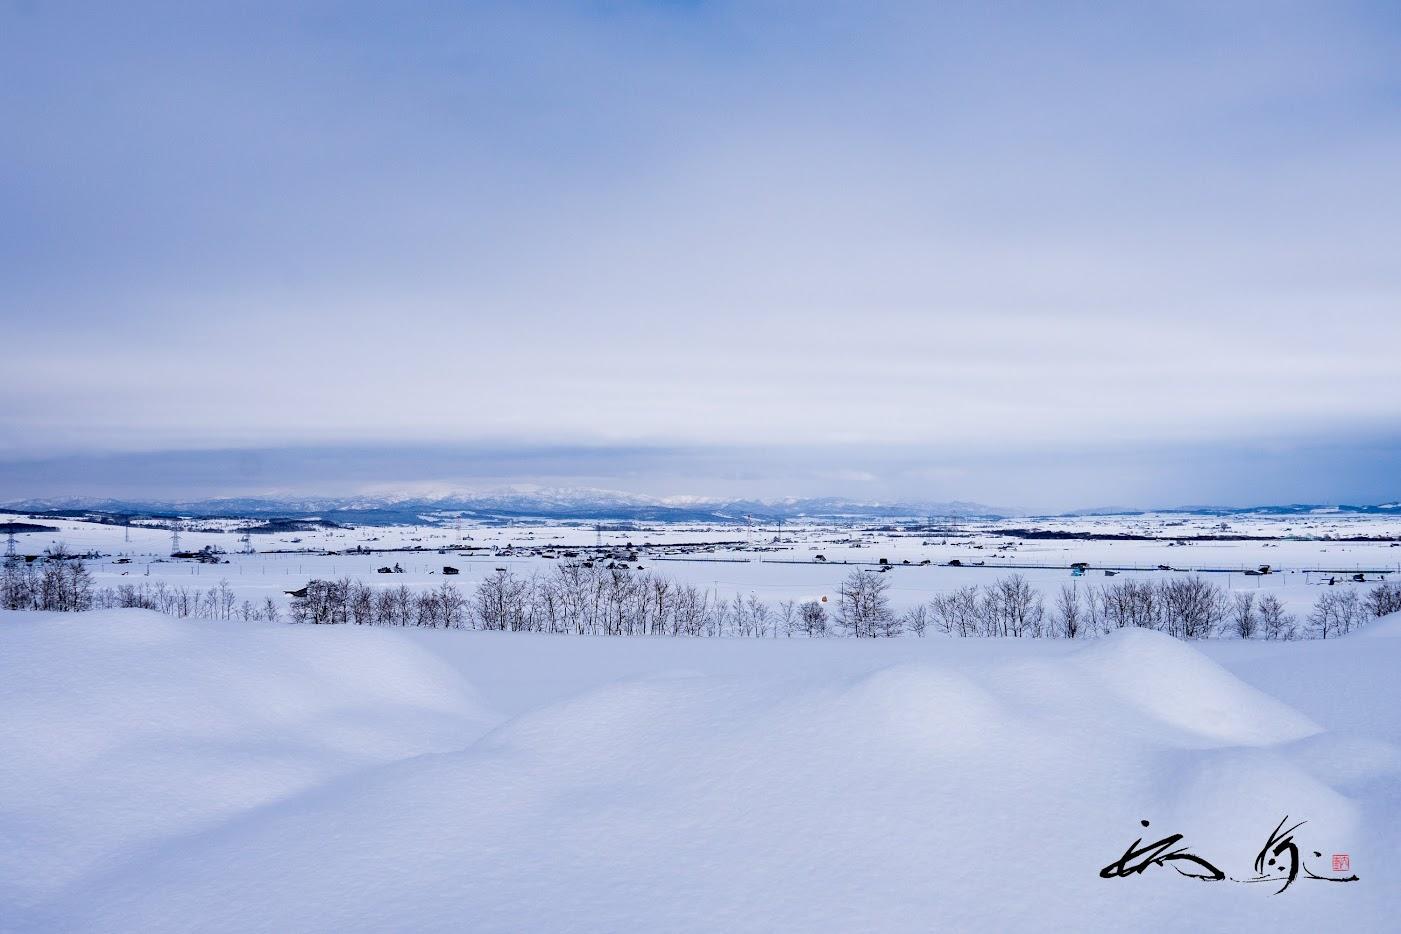 ふんわりと柔らかなお布団のような雪。。。